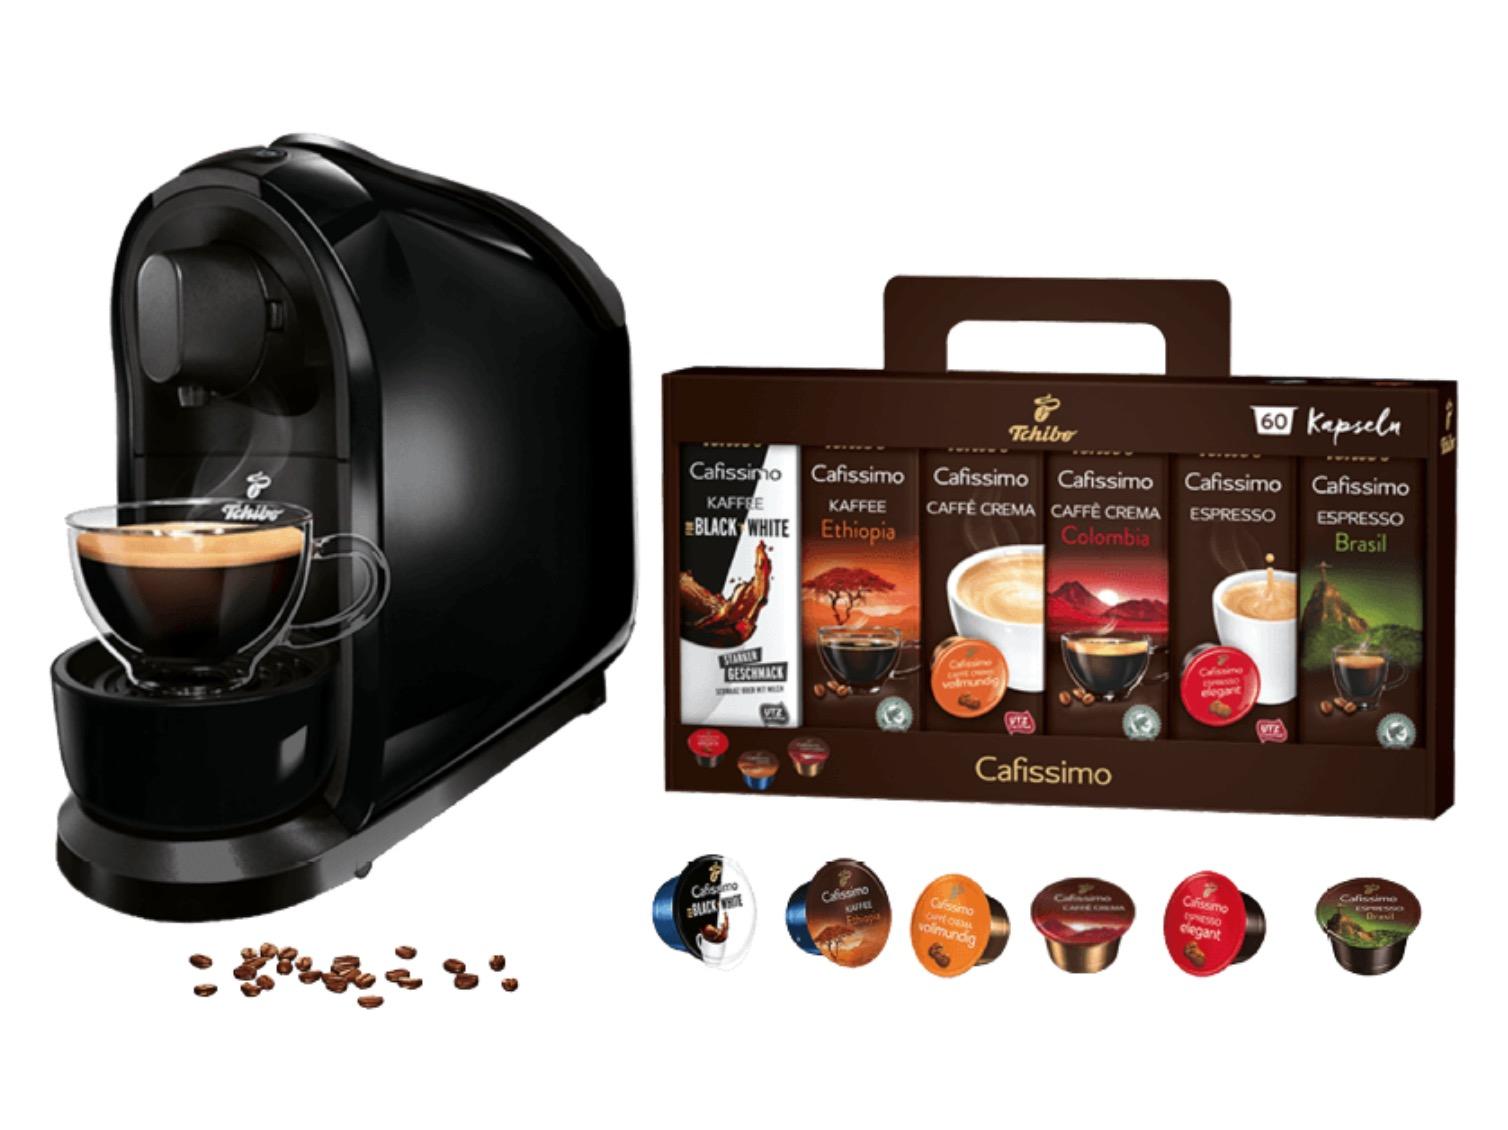 TCHIBO Cafissimo Pure Kapselmaschine in verschiedenen Farben + 60 Kapseln für nur 39€ inkl. Versand